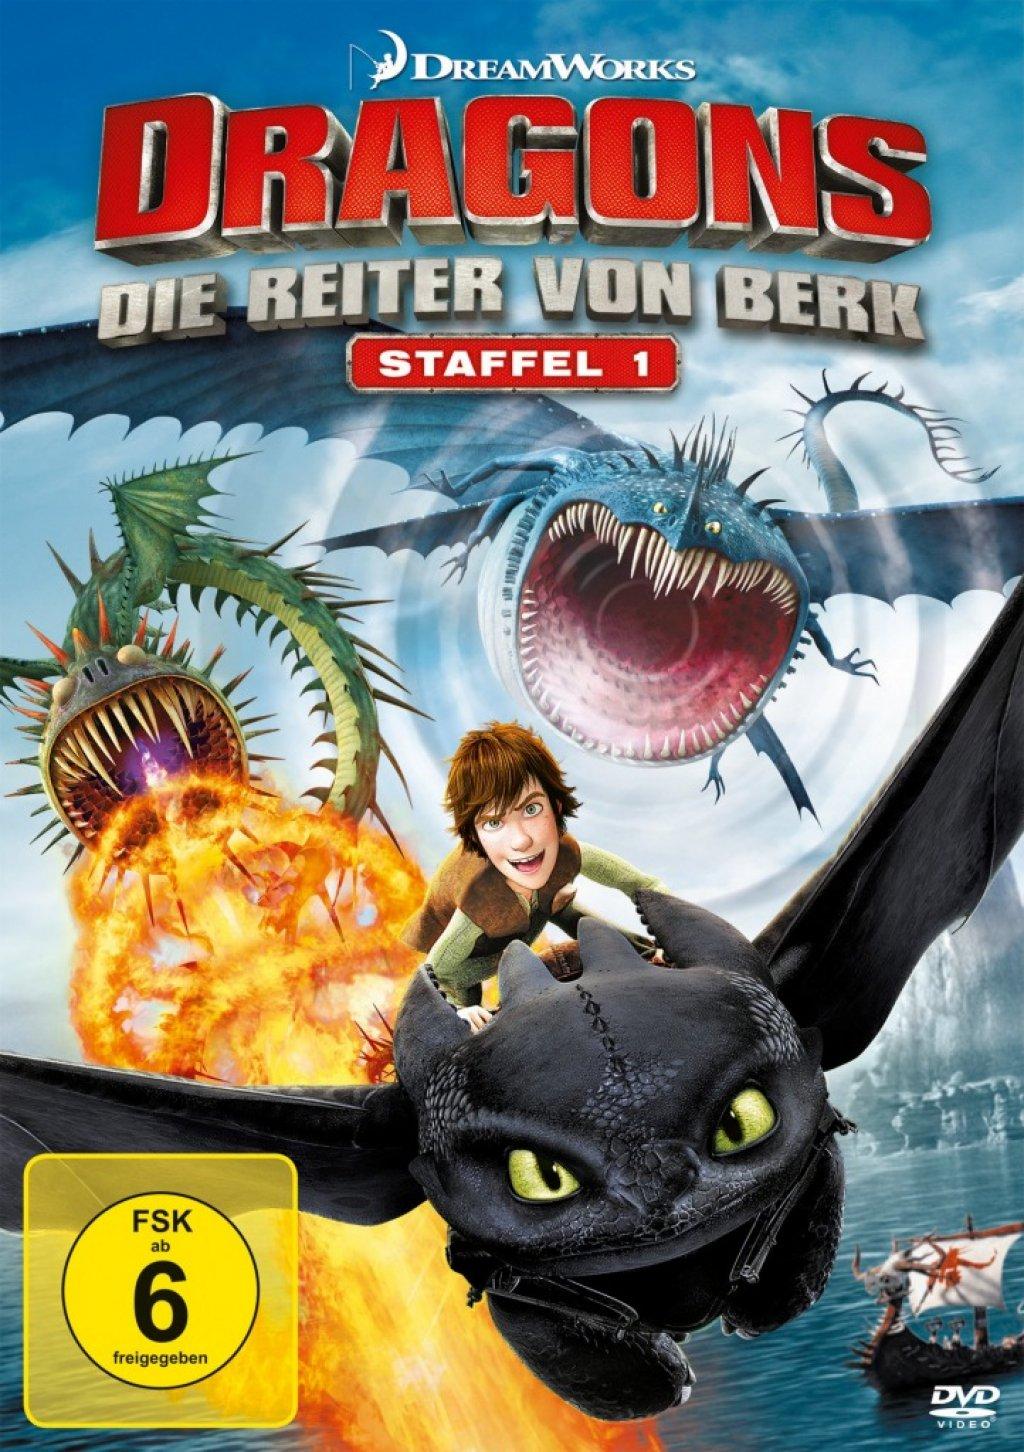 Dragons - Die Reiter von Berk - Staffel 1 (DVD)